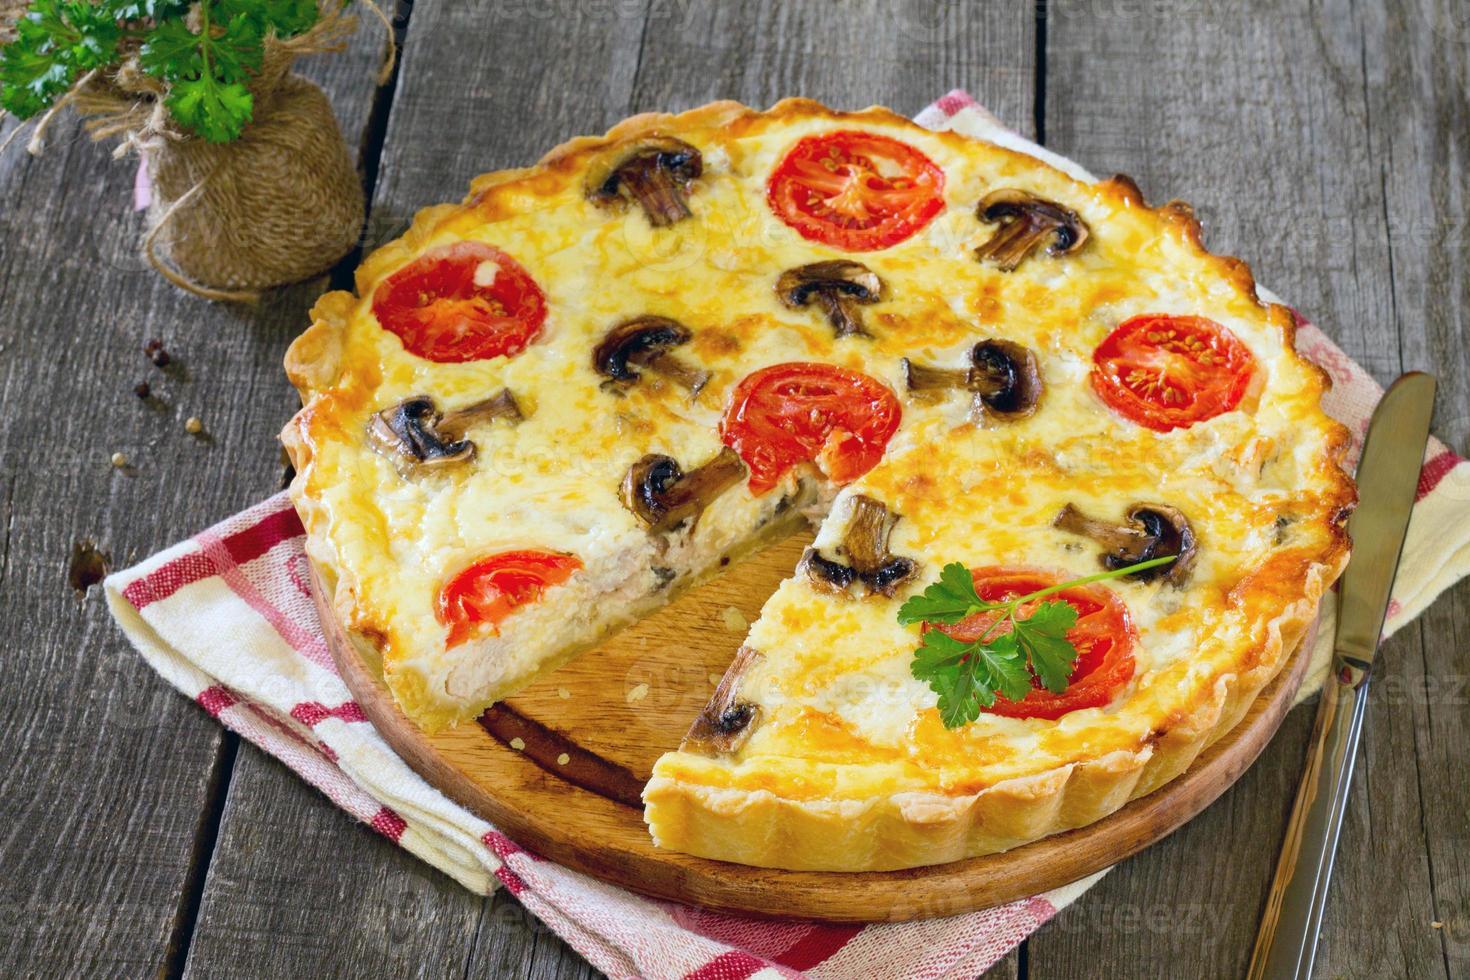 torta com frango, cogumelos e recheio de ovos foto